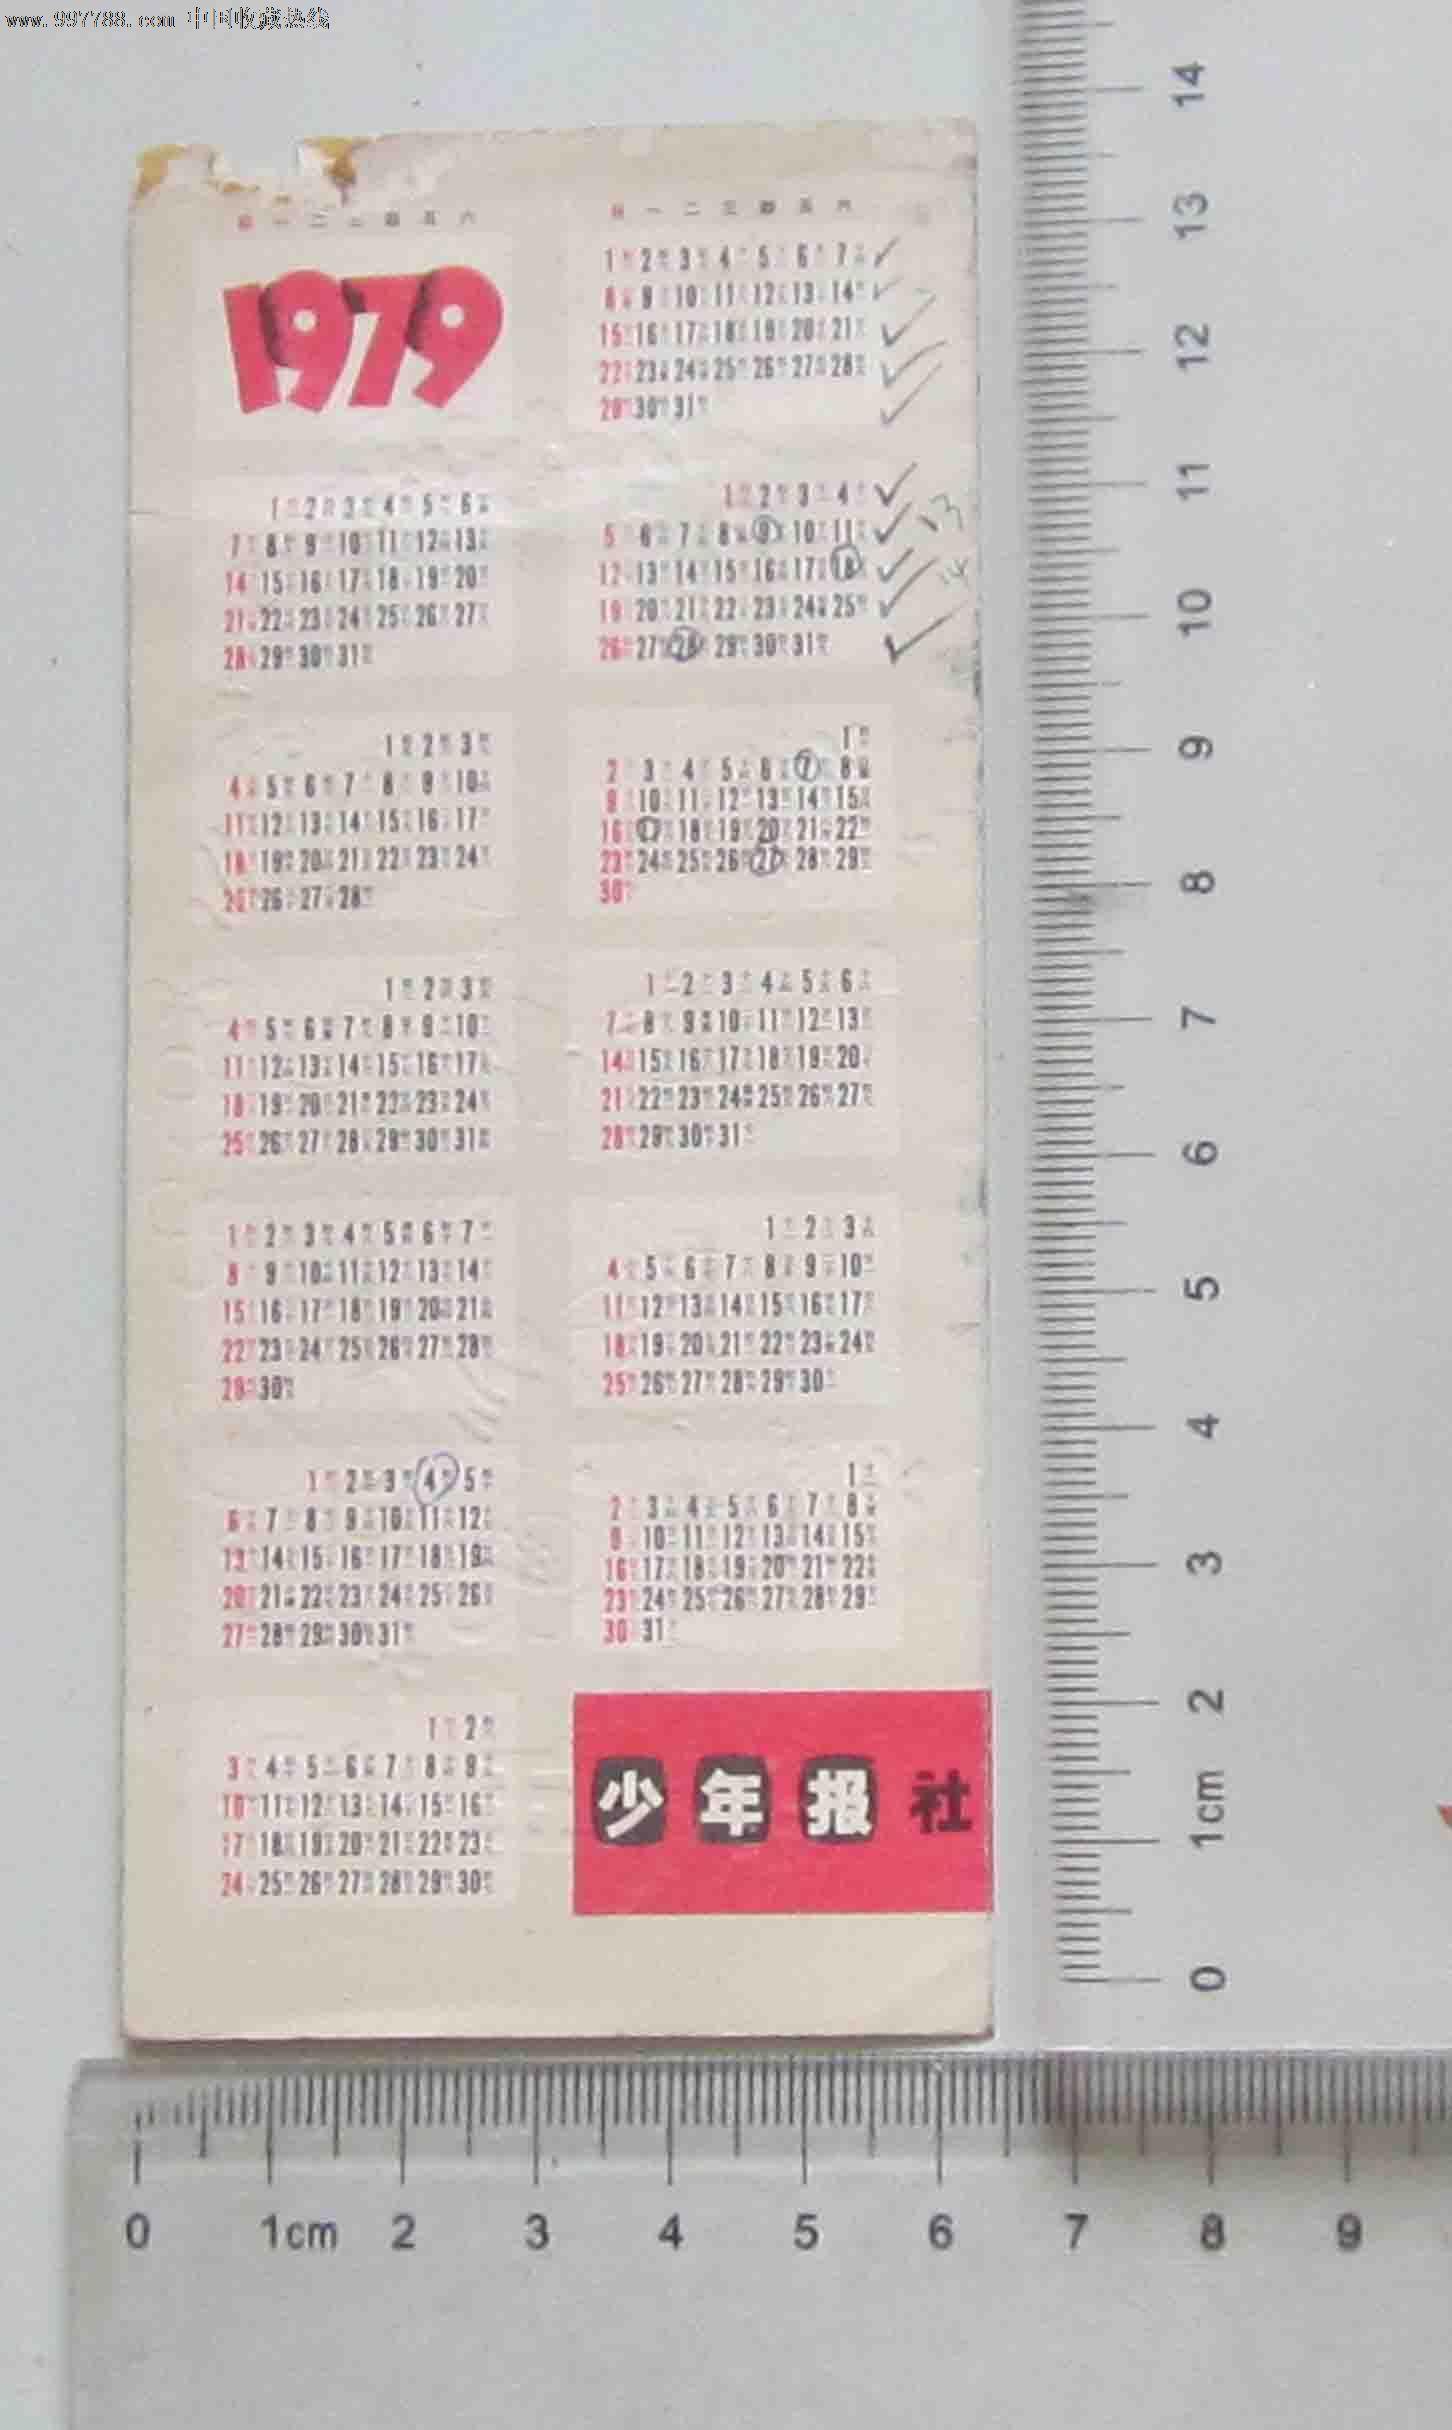 2017年年历表打印版